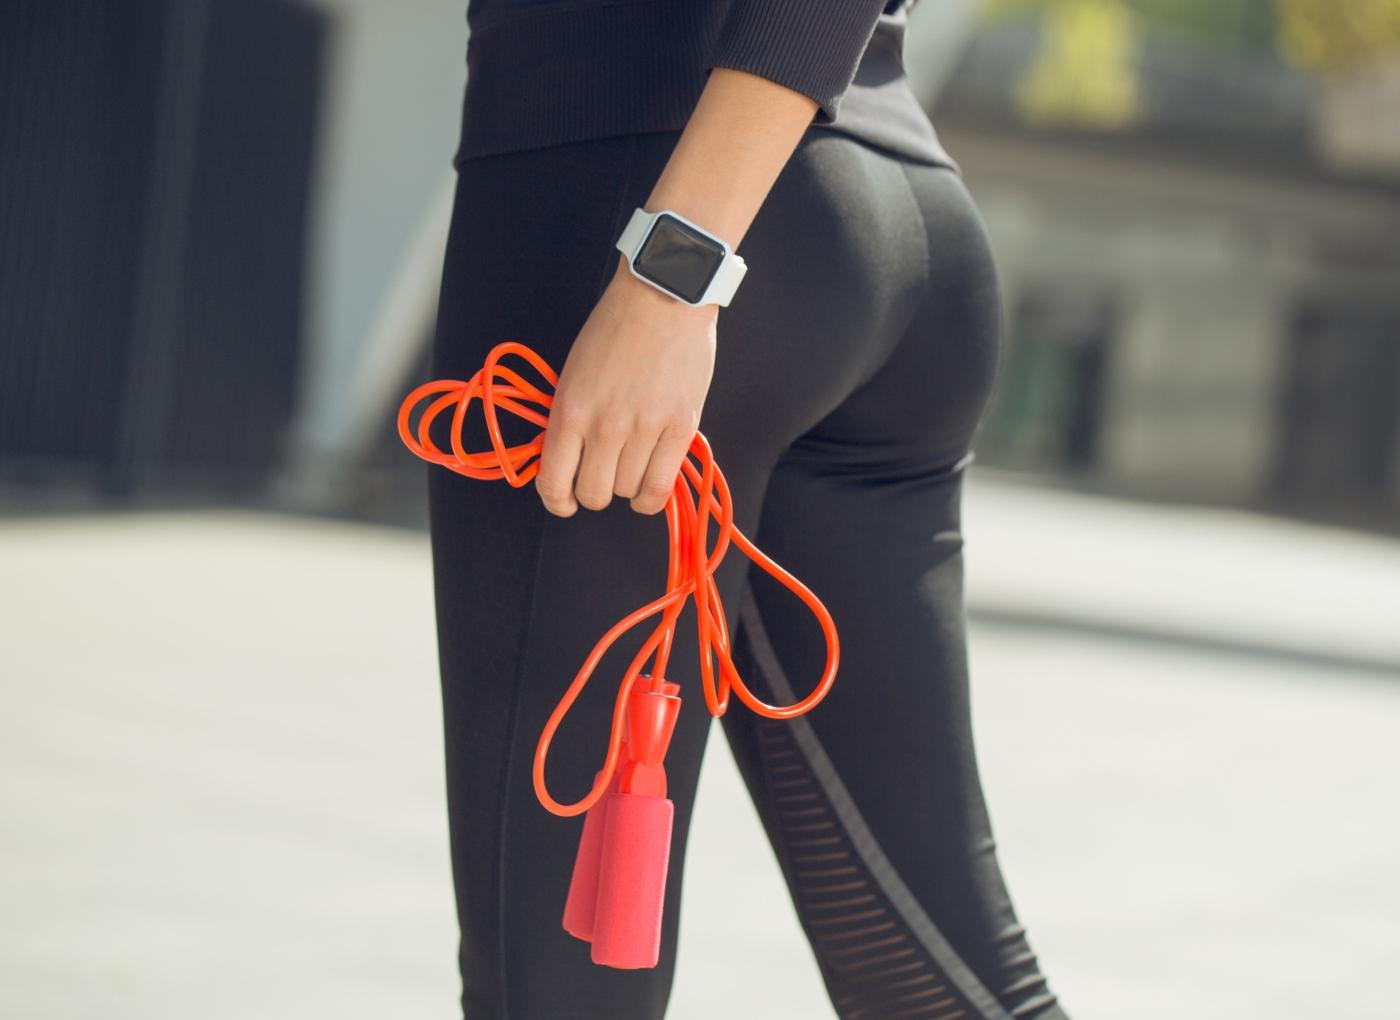 Exercícios para pernas e glúteos: os mais indicados